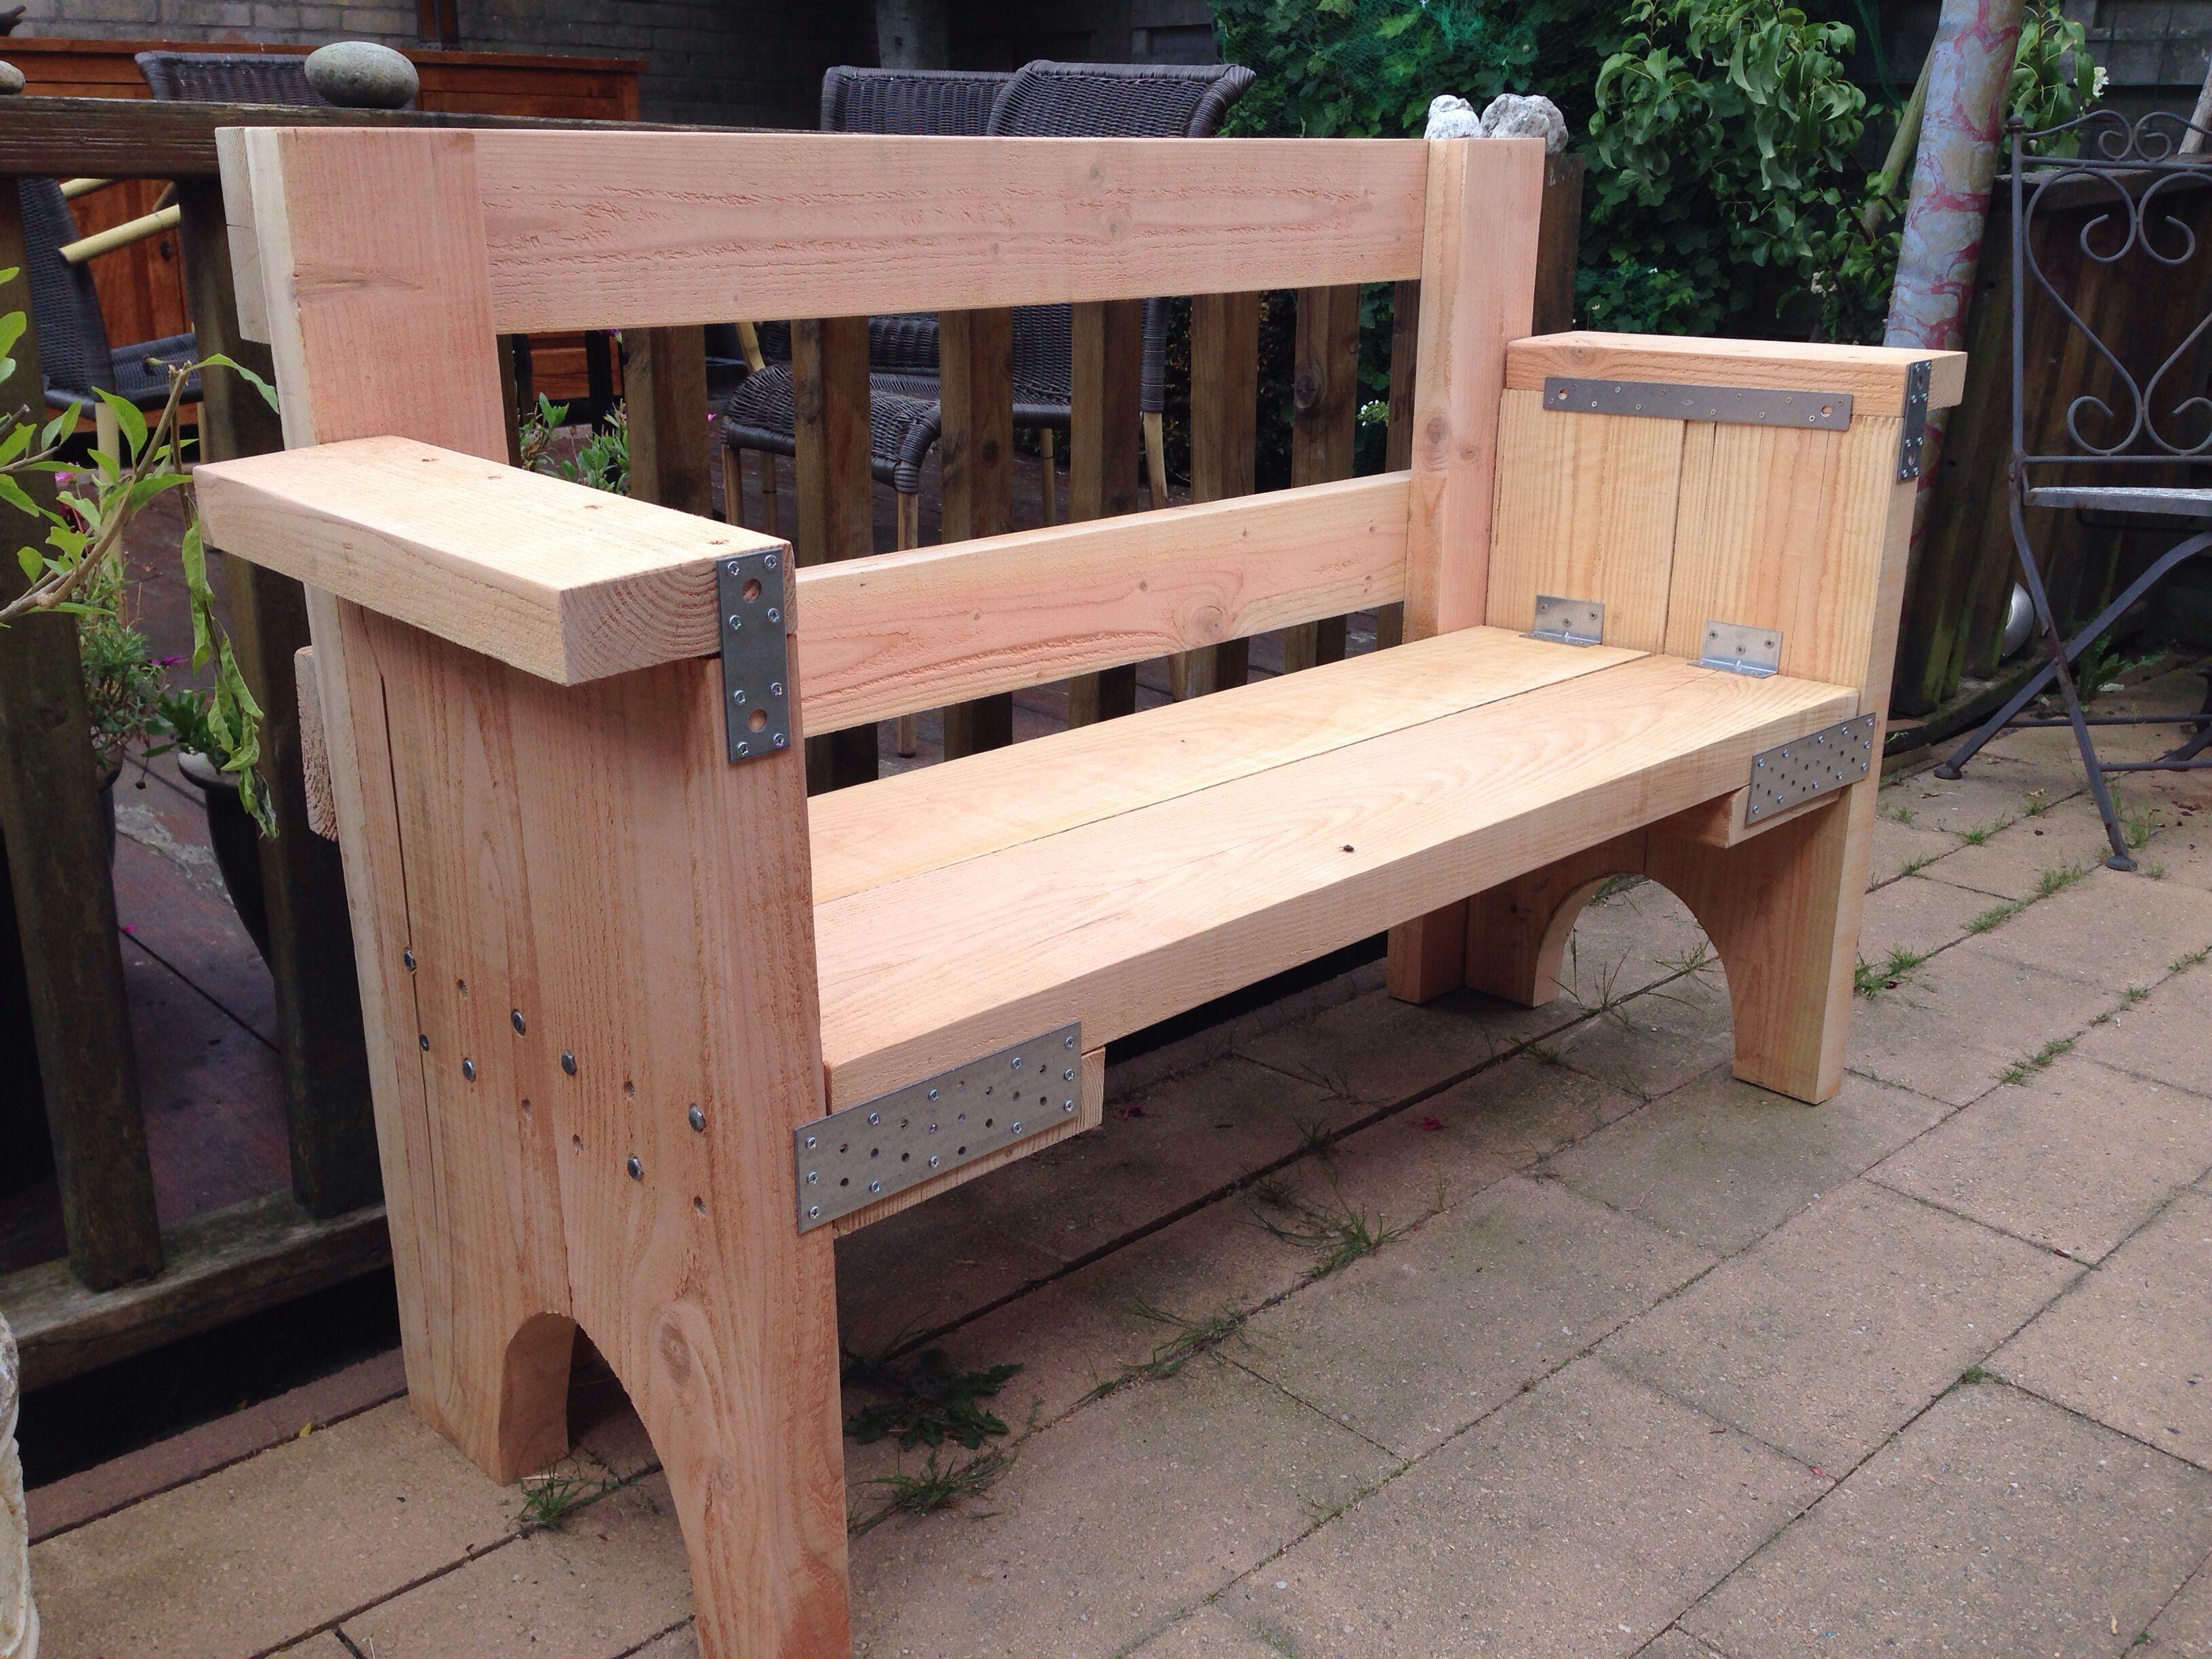 Robuust Bankje Van Douglashout Wooden Bench Banquinhos De